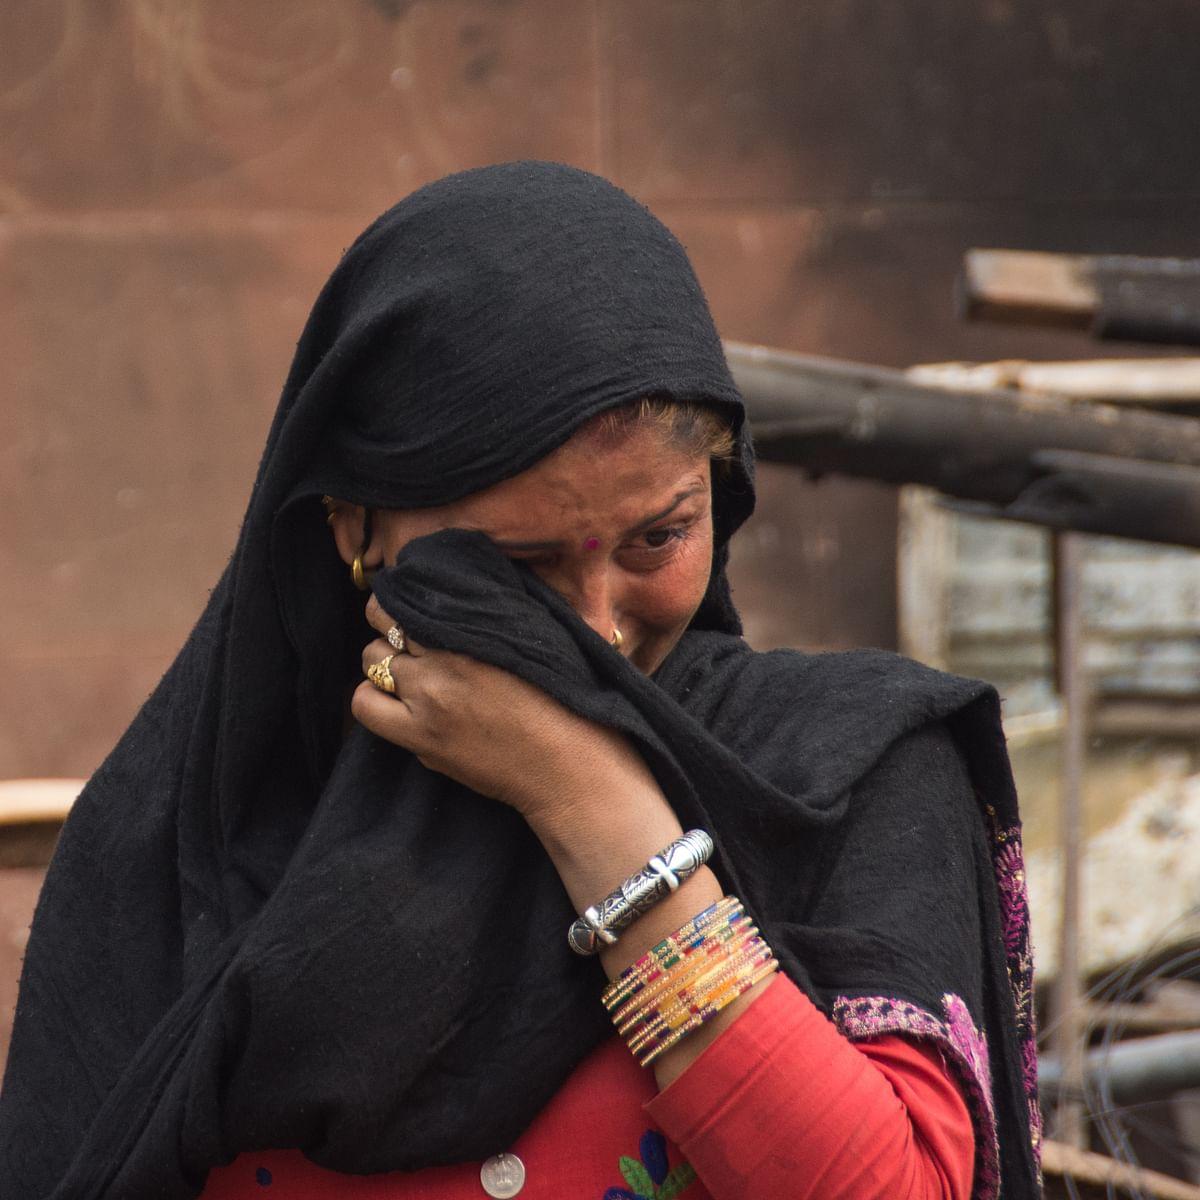 دہلی فسادات کی متاثرہ / Getty Images